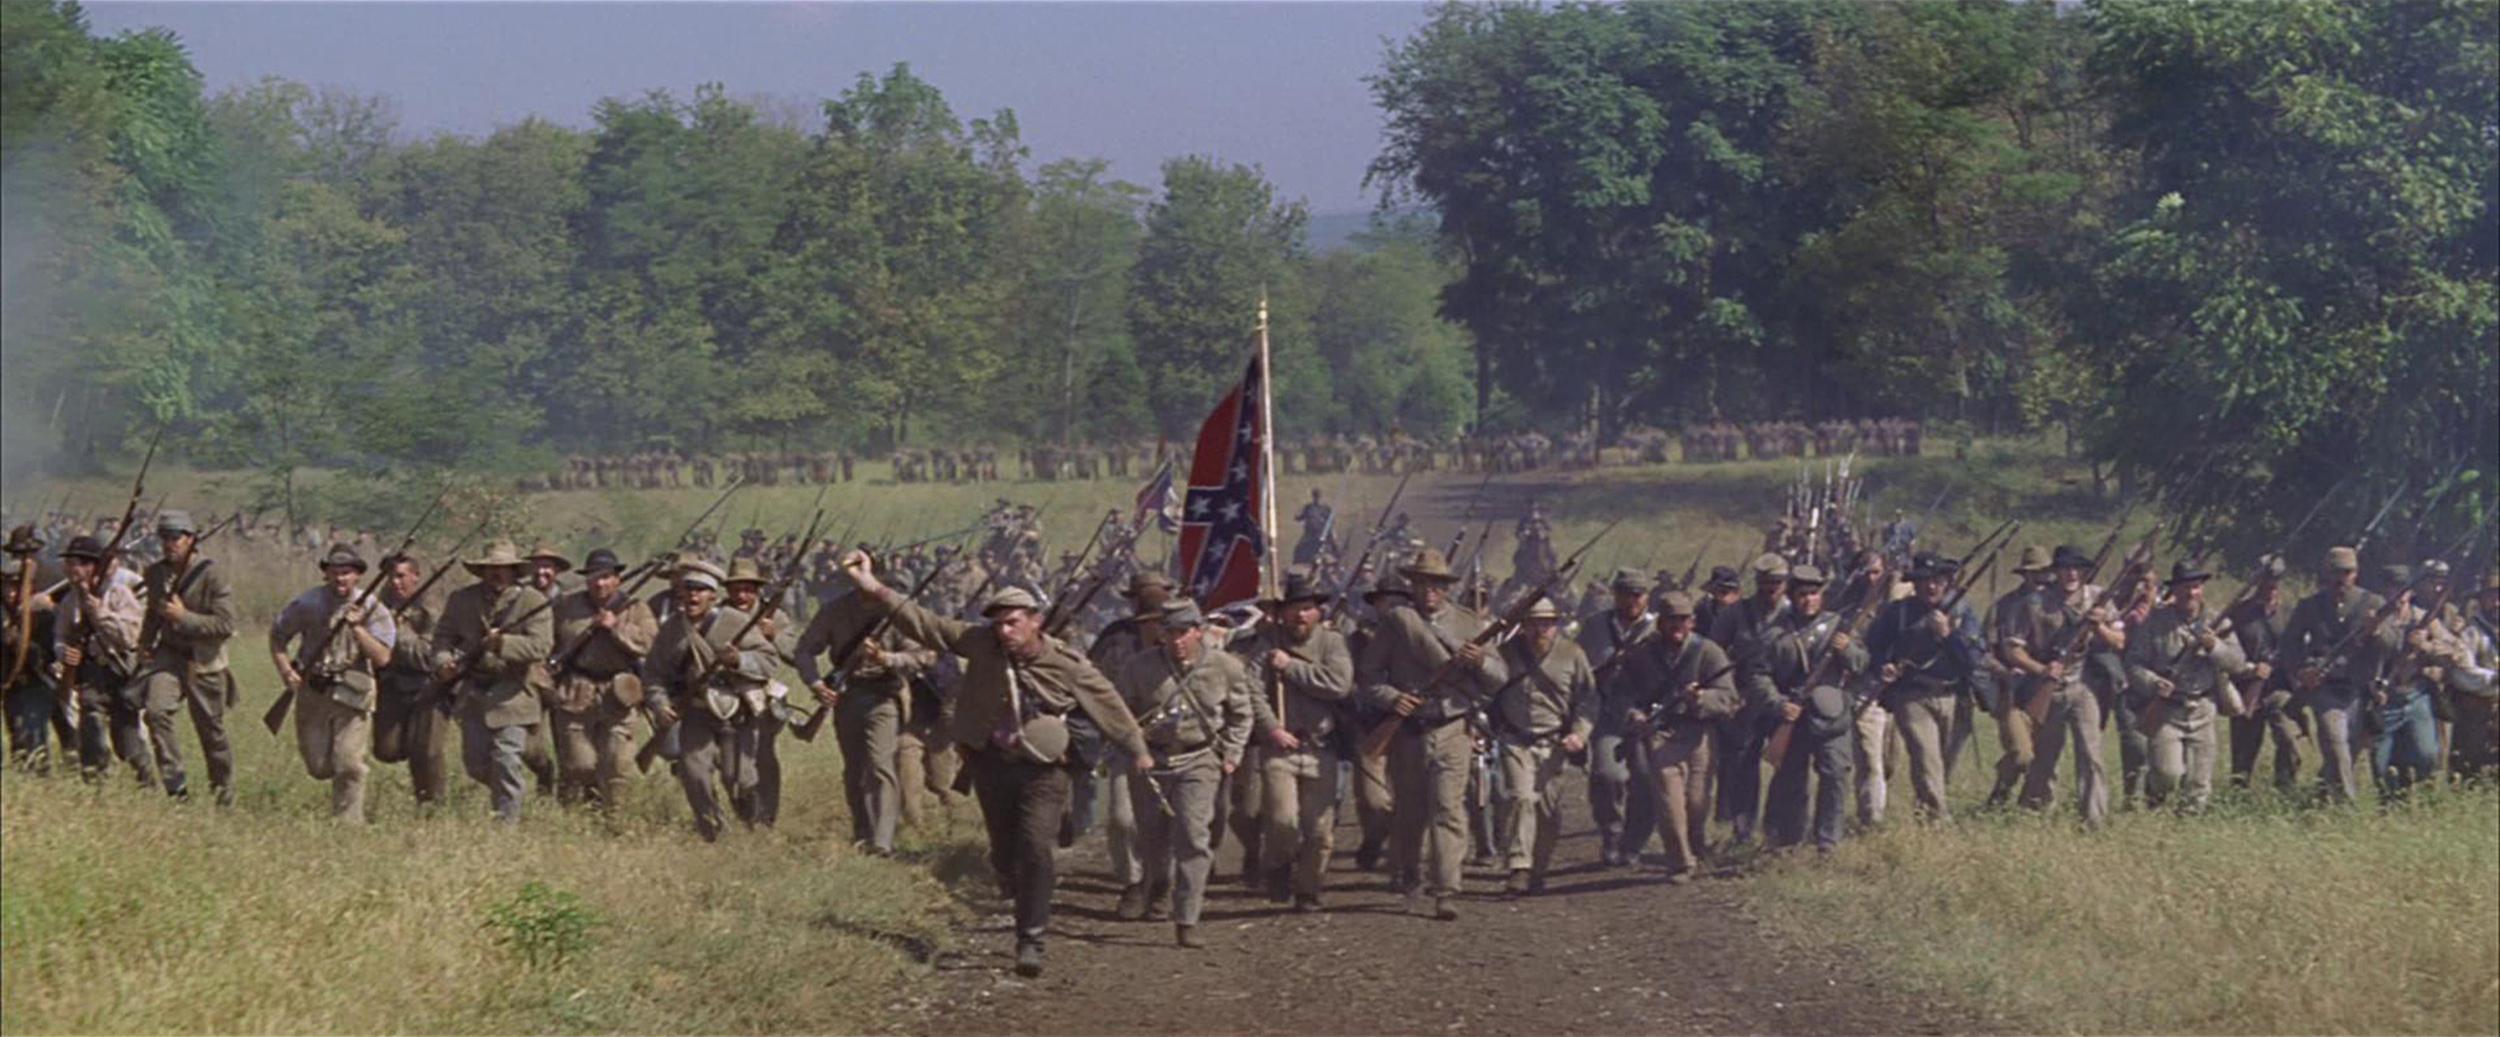 G&G_Chancellorsville_3.jpg